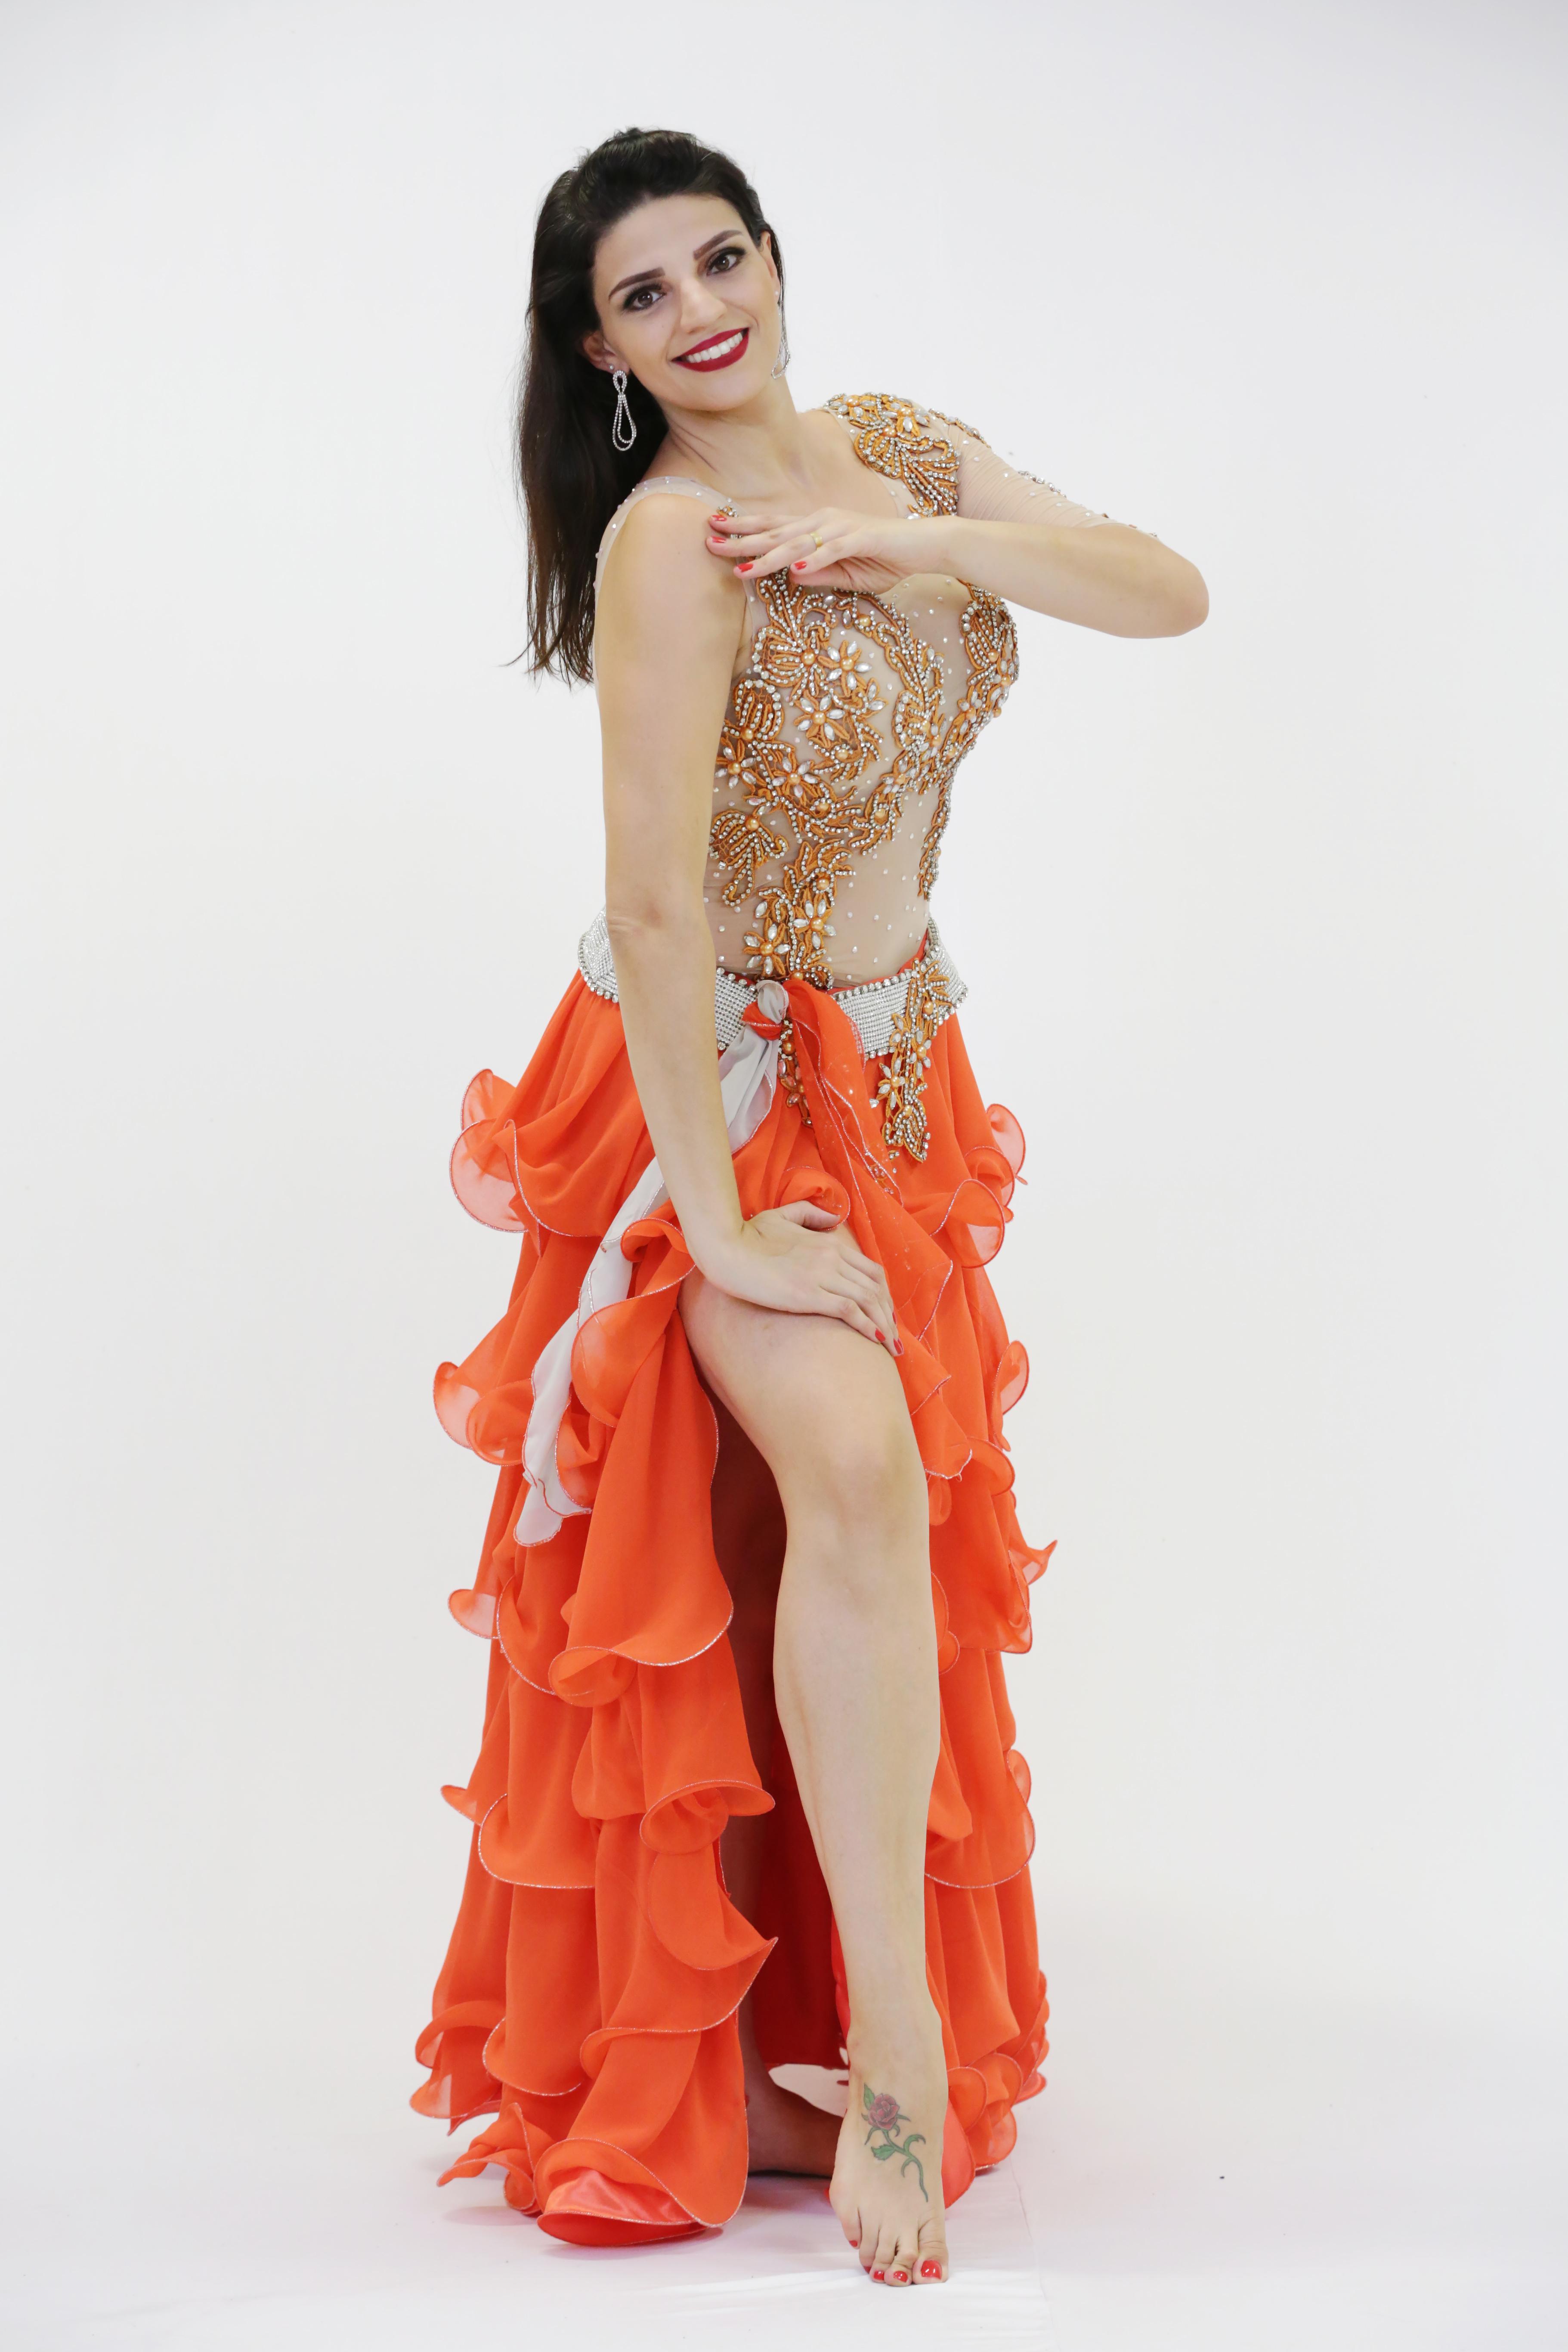 Jessica Sabela